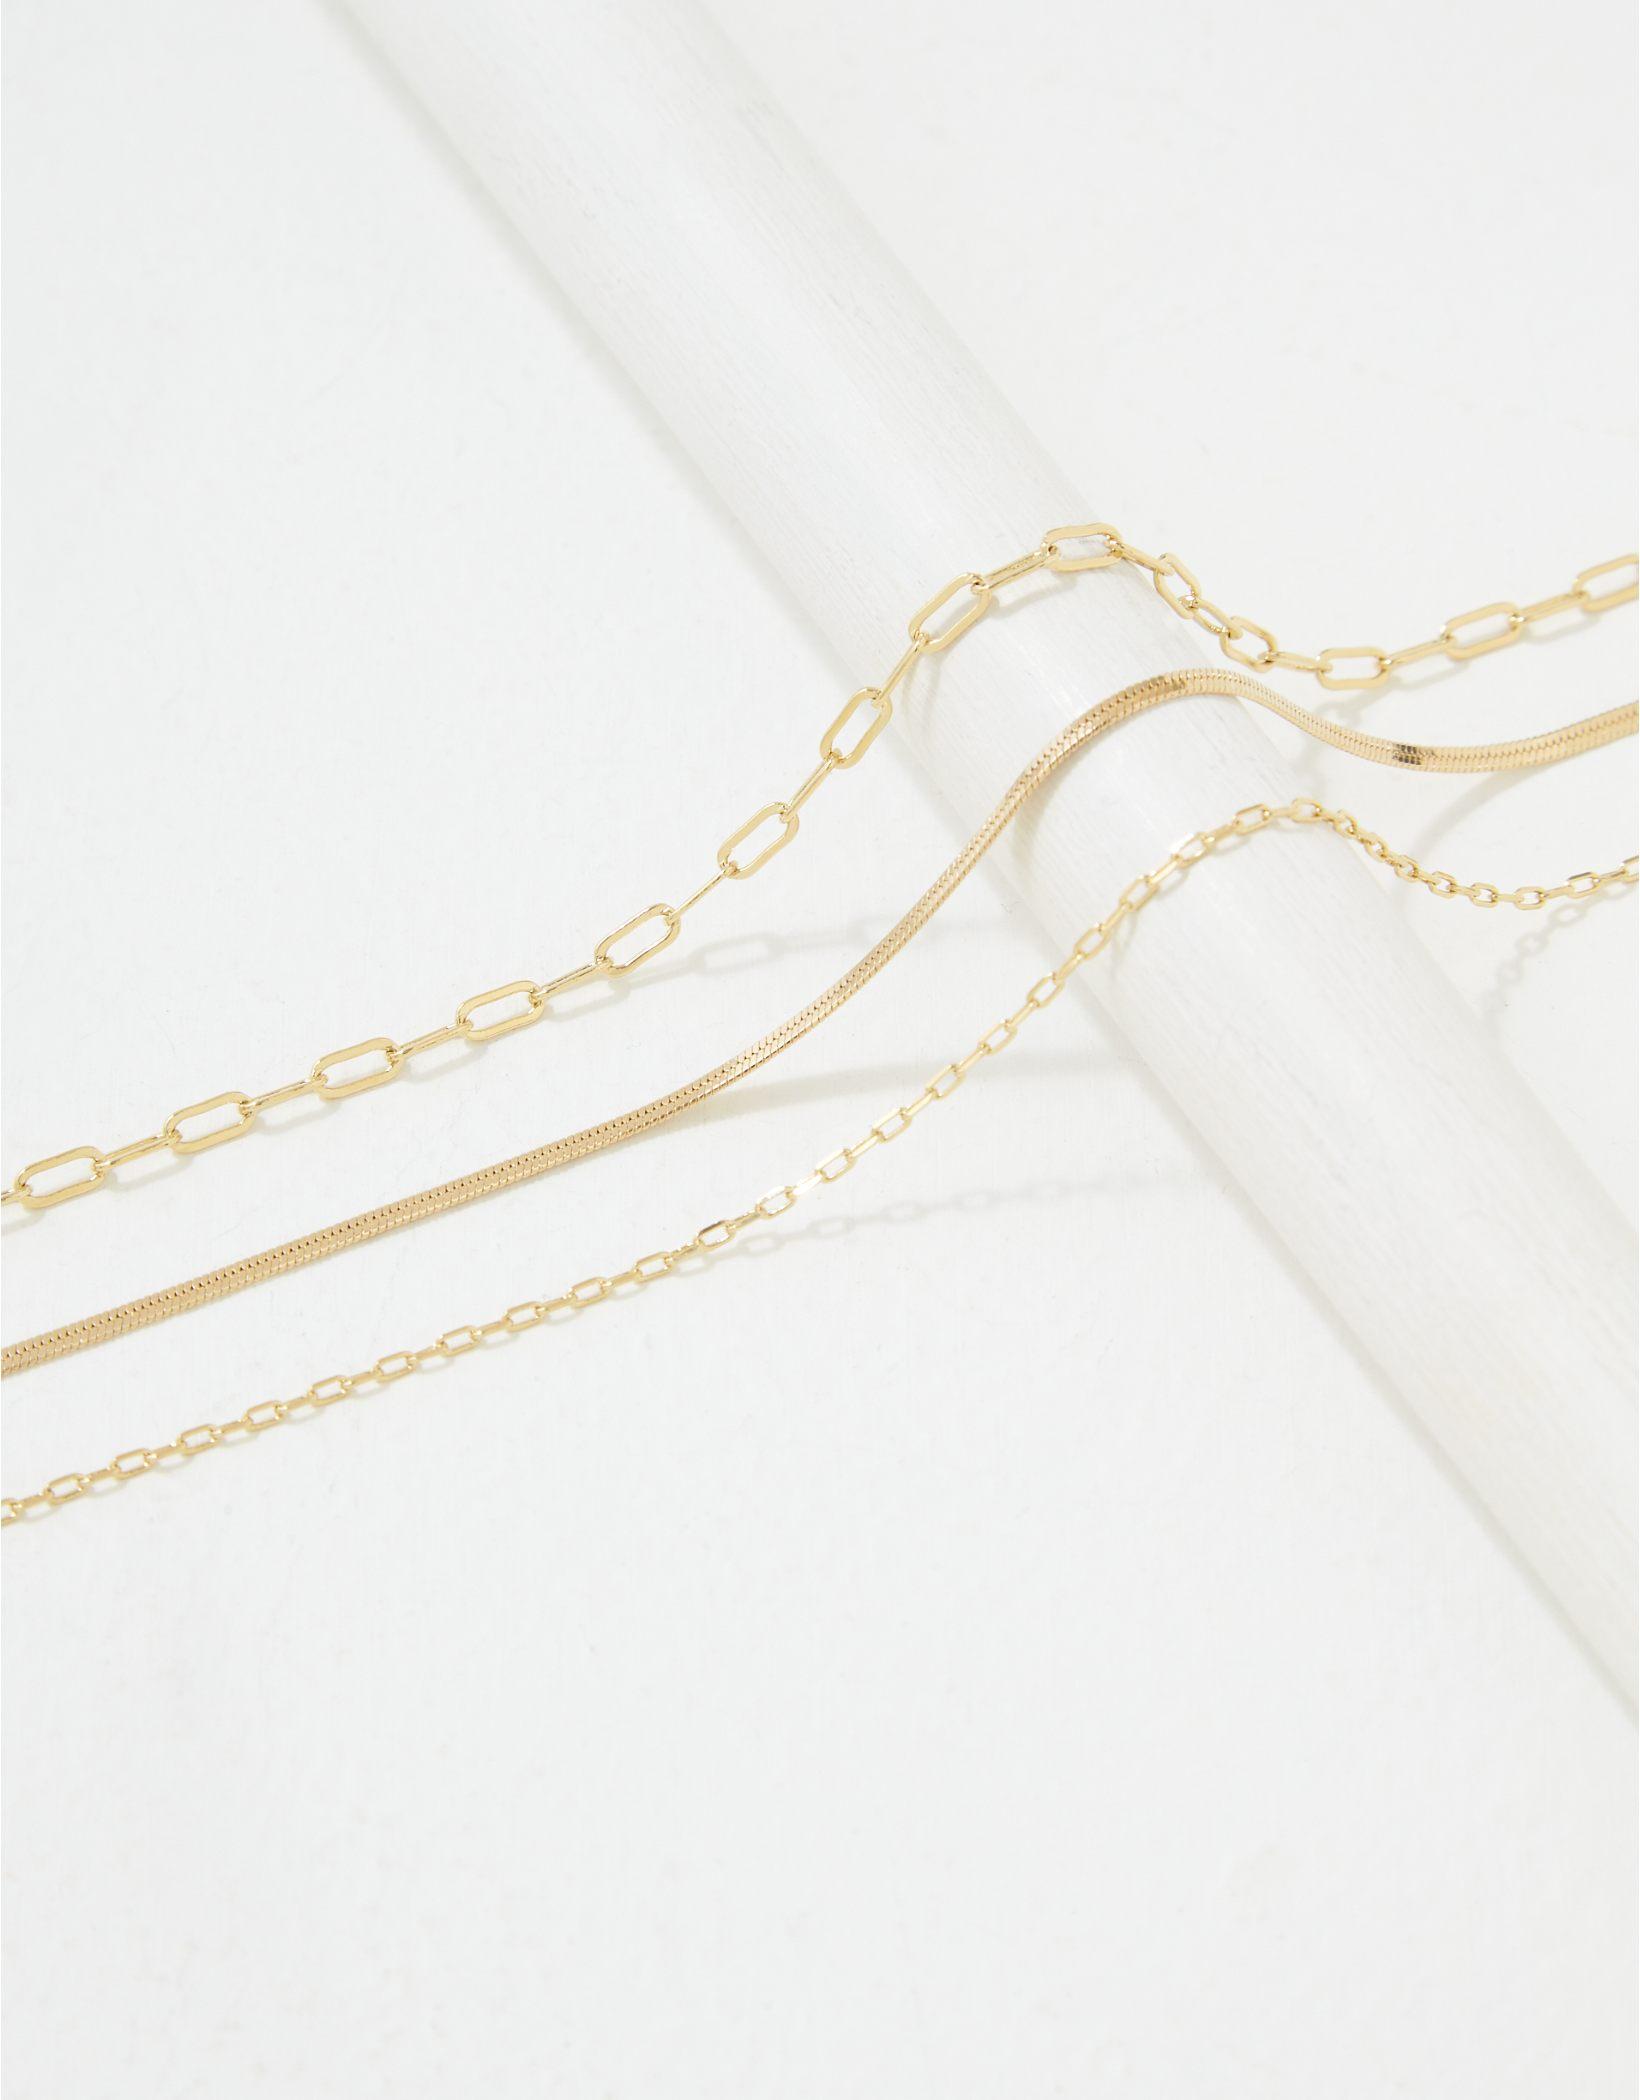 AE Demi-Fine 14K Gold Chain Bracelet 3-Pack